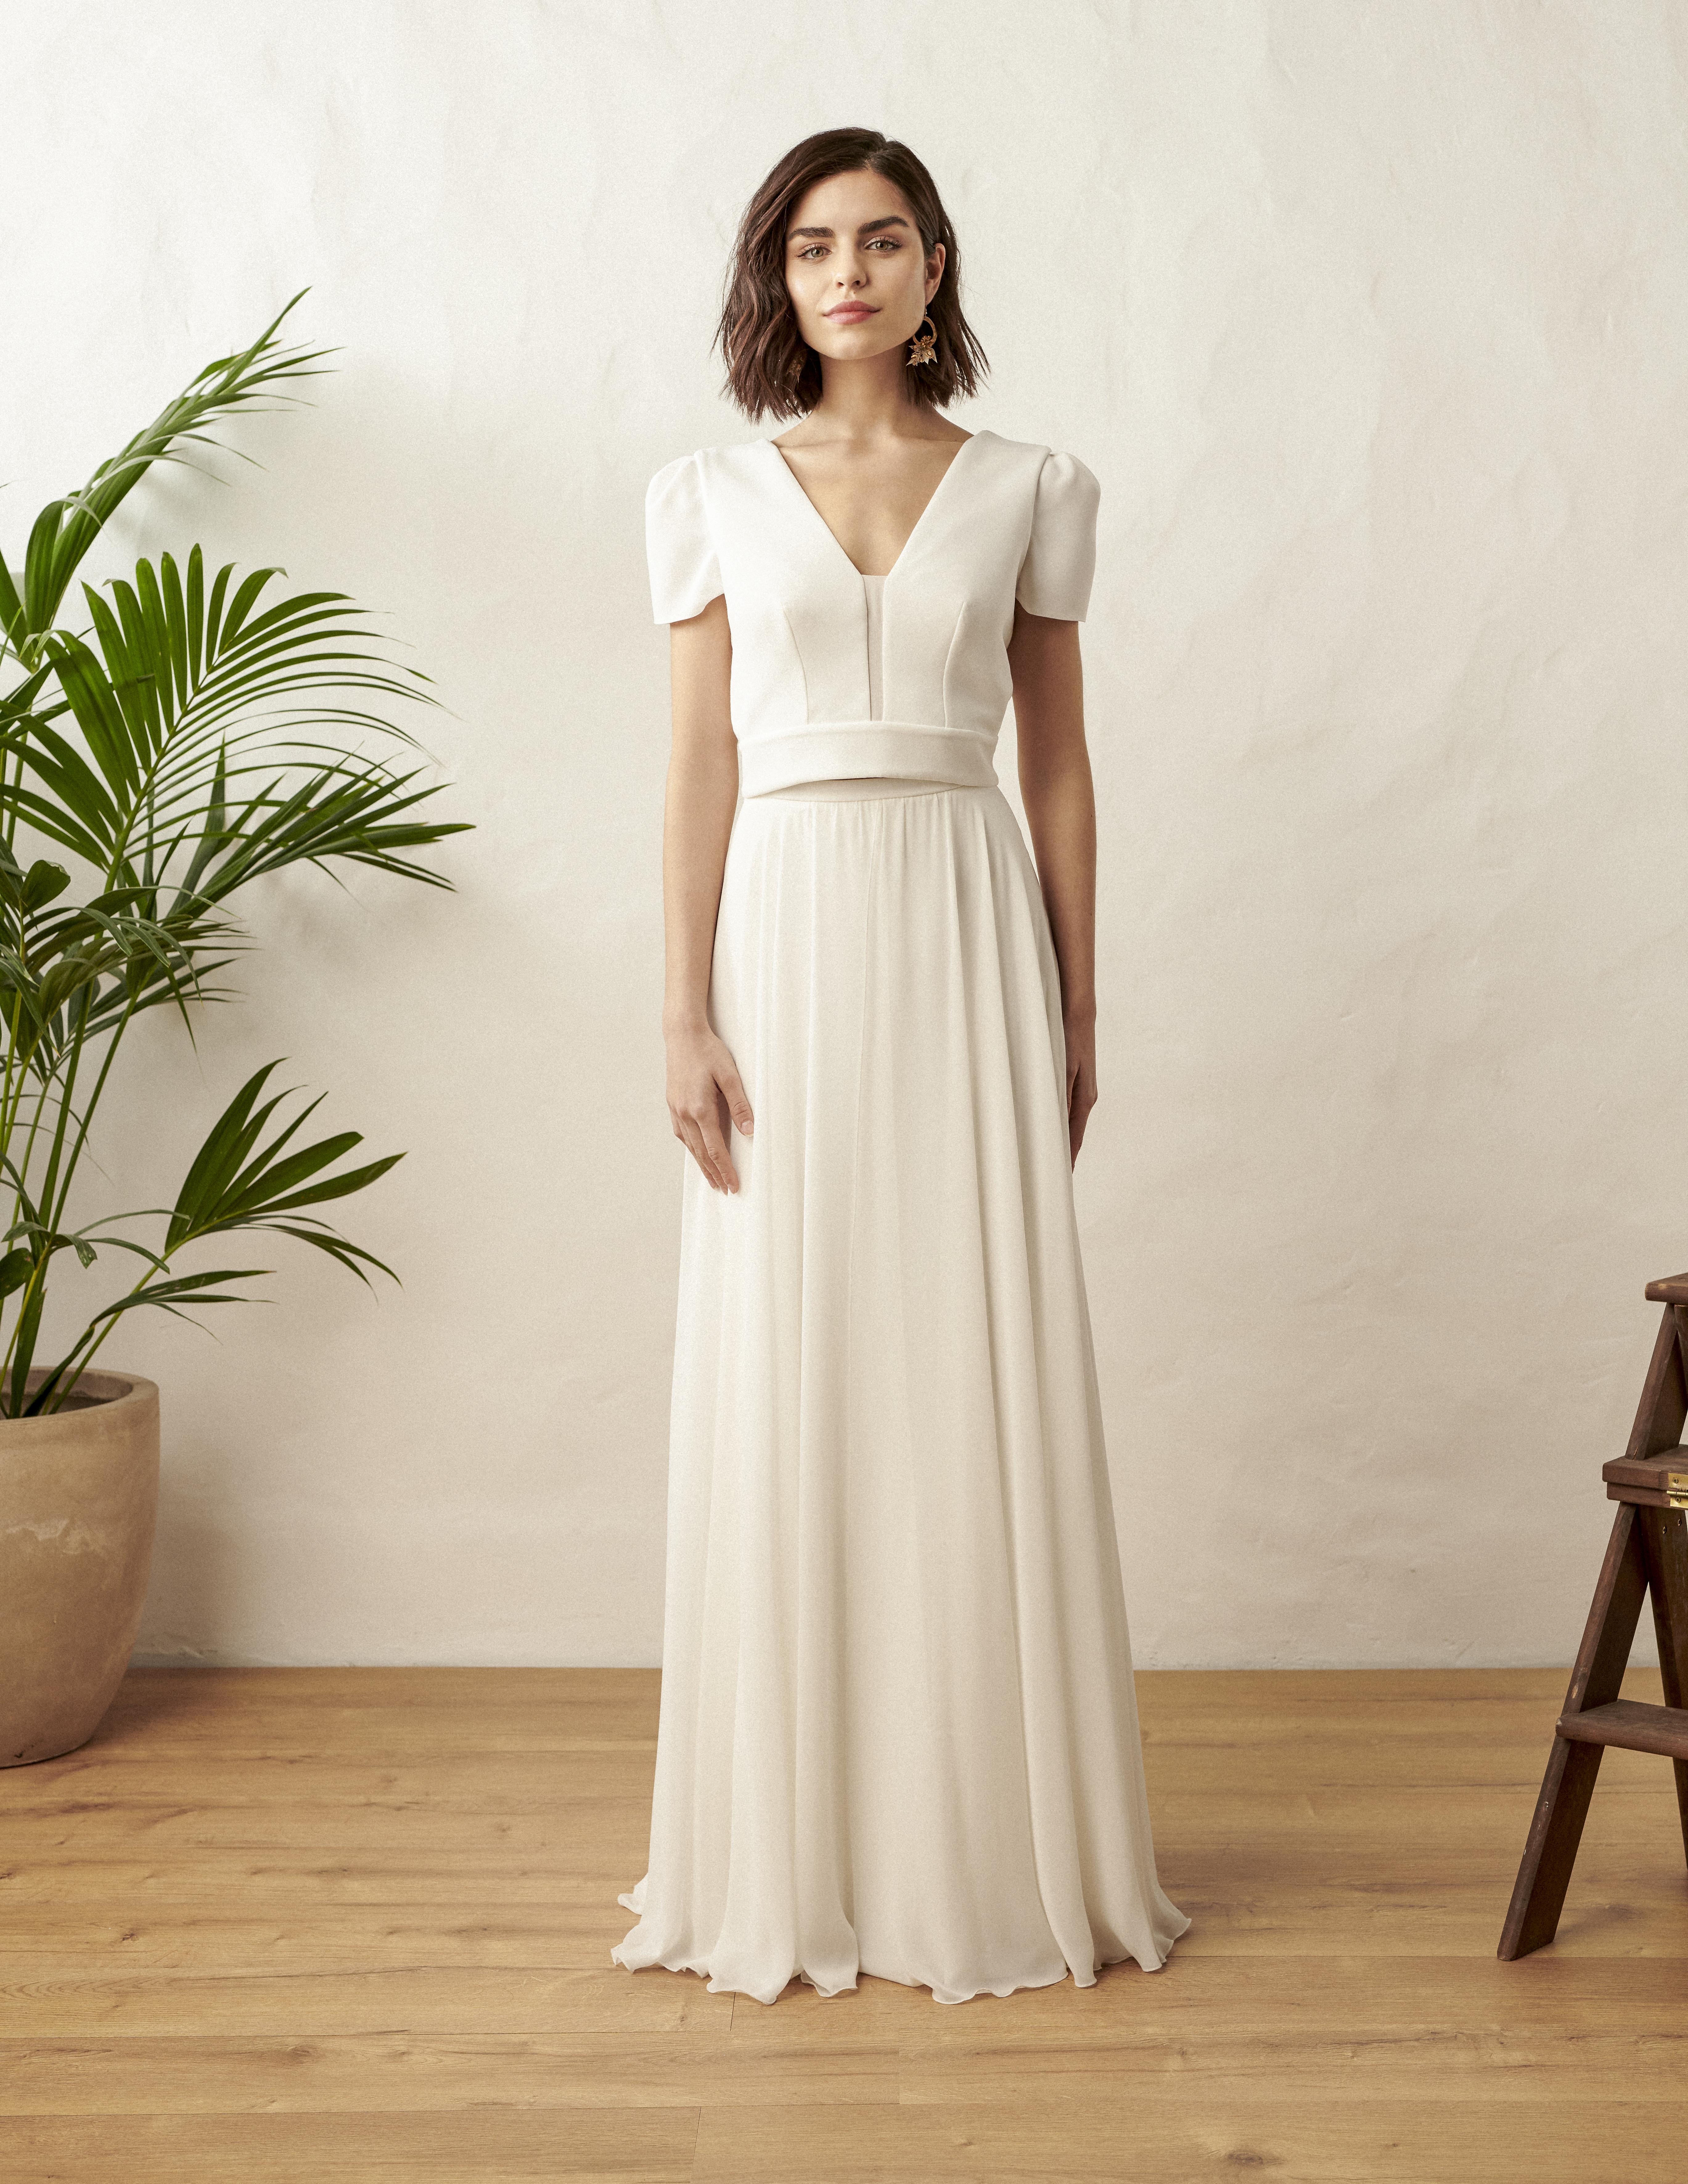 Marylise-2021-Zaida Top-2 & Ficus Skirt-